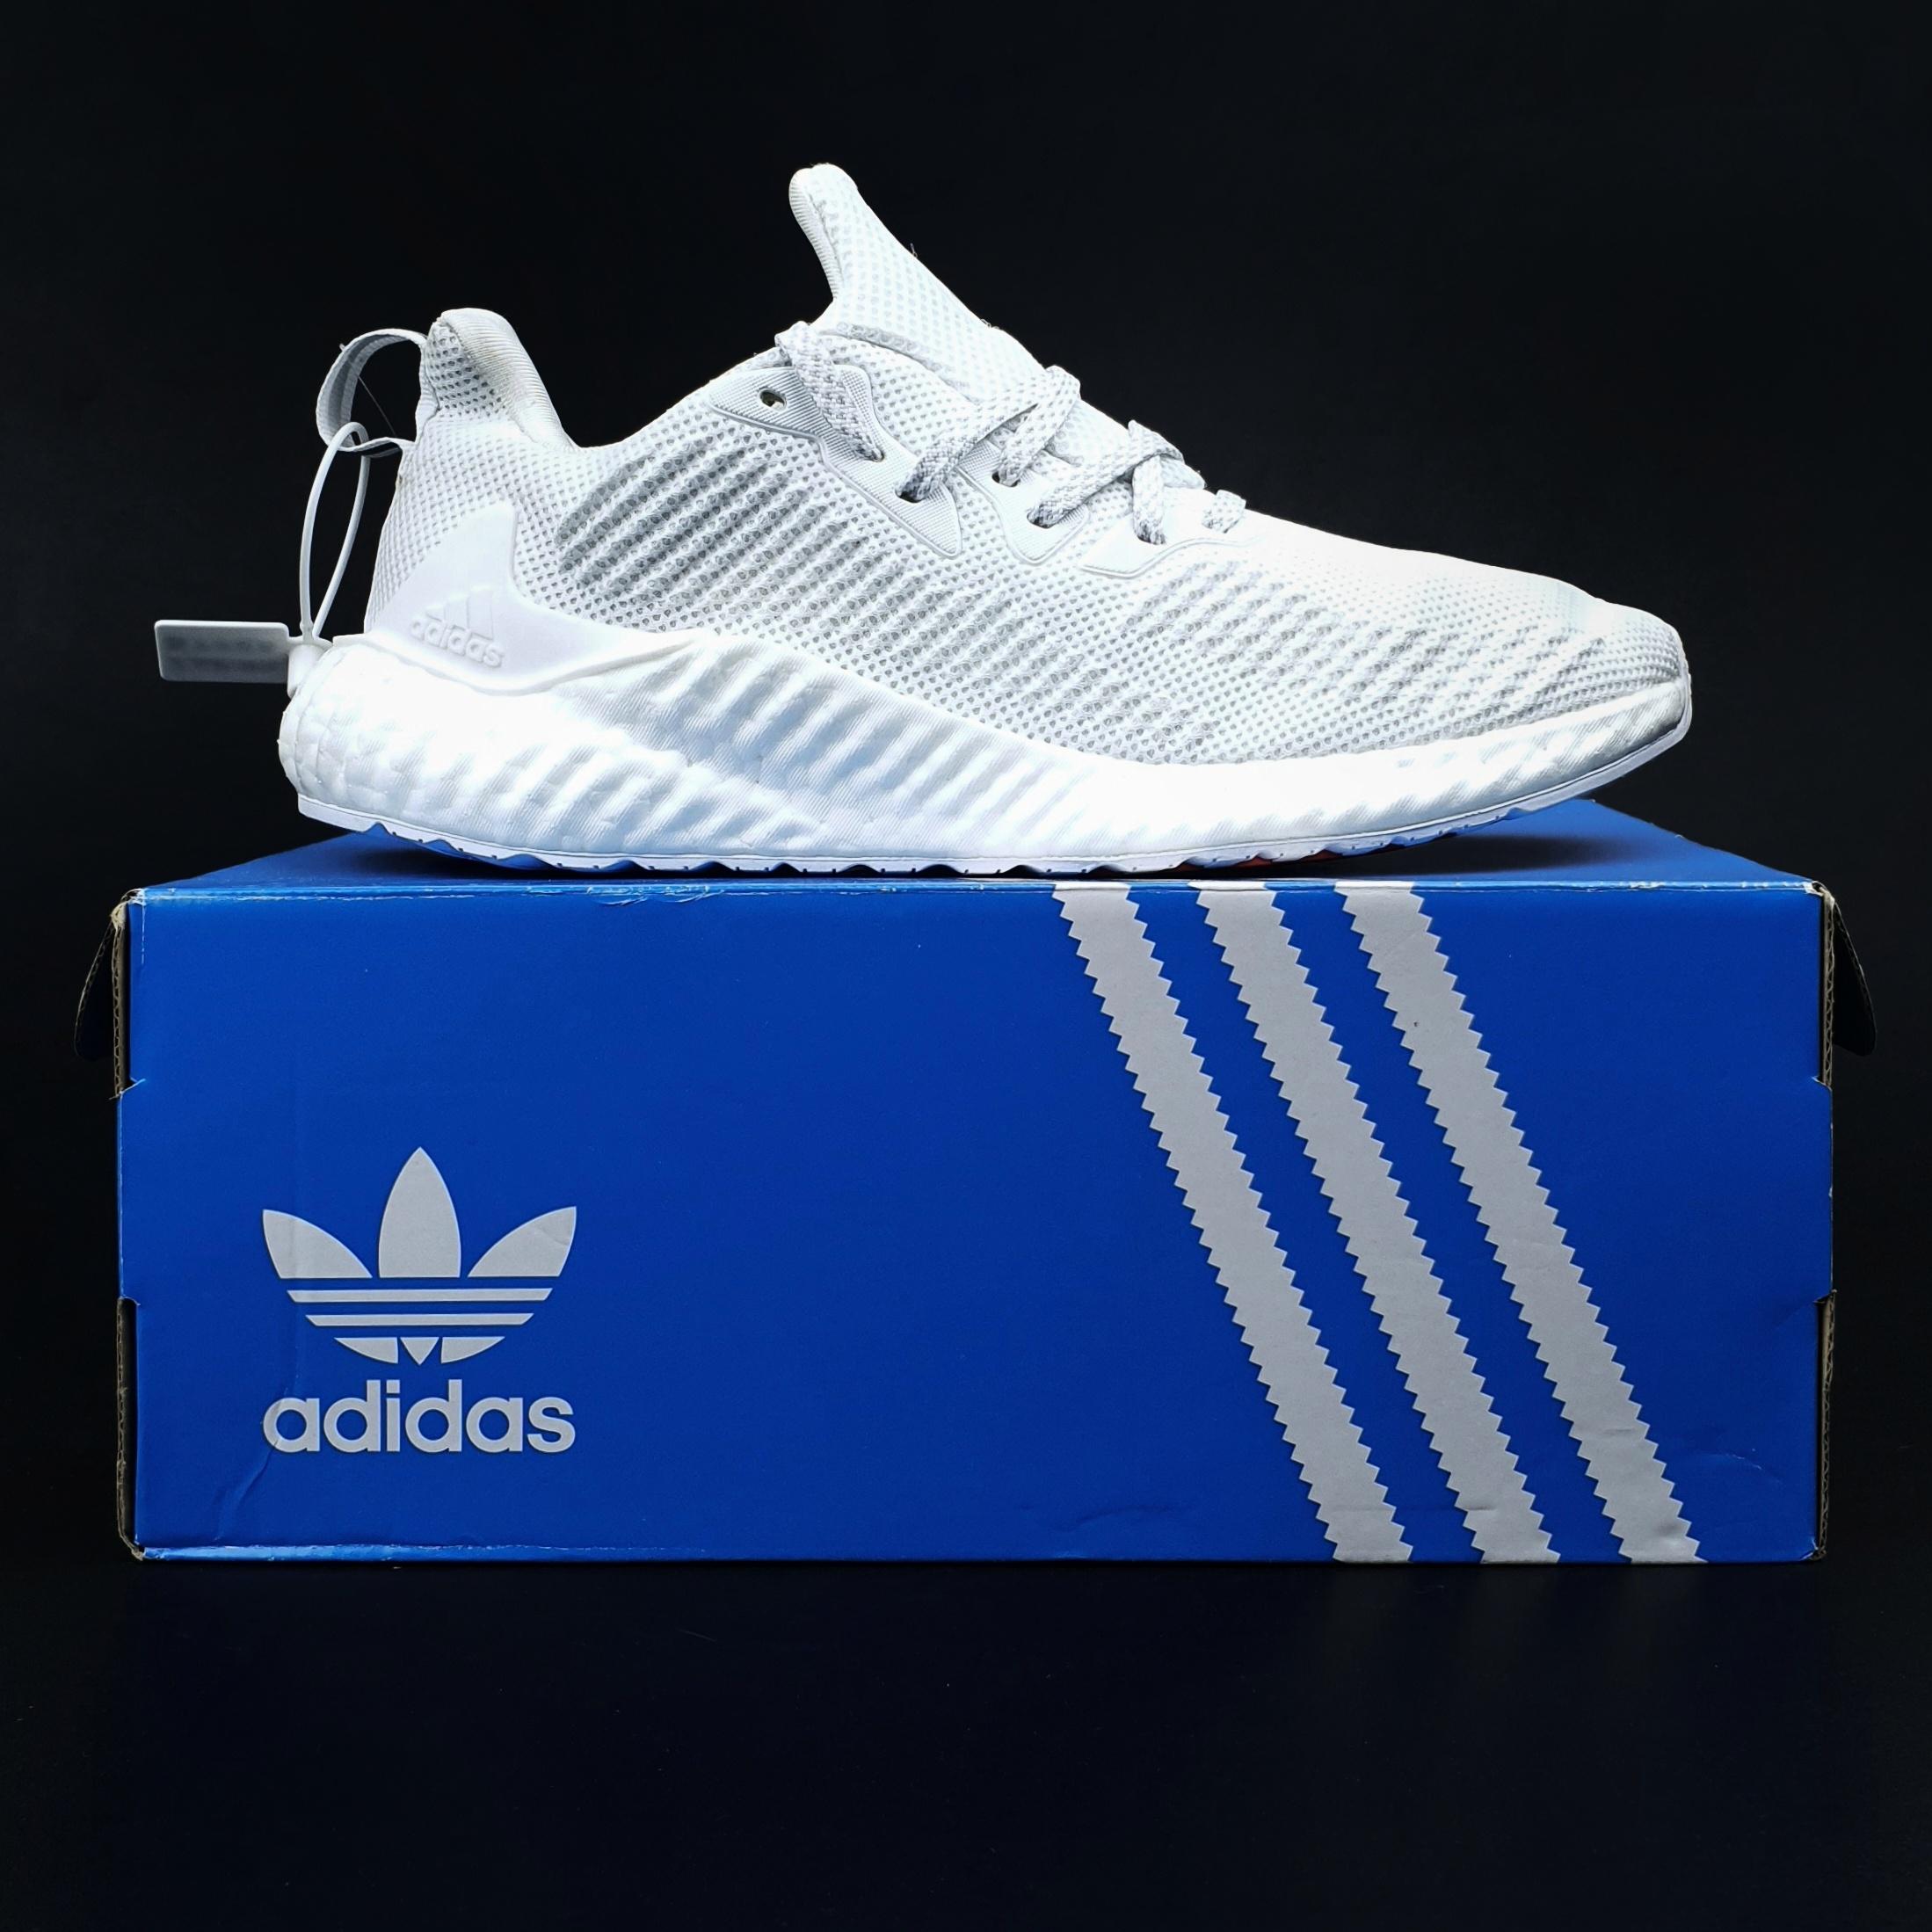 Chuyển phát nhanh những đôi giày chính hãng sang Trung Quốc an toàn, chuyên nghiệp nhất